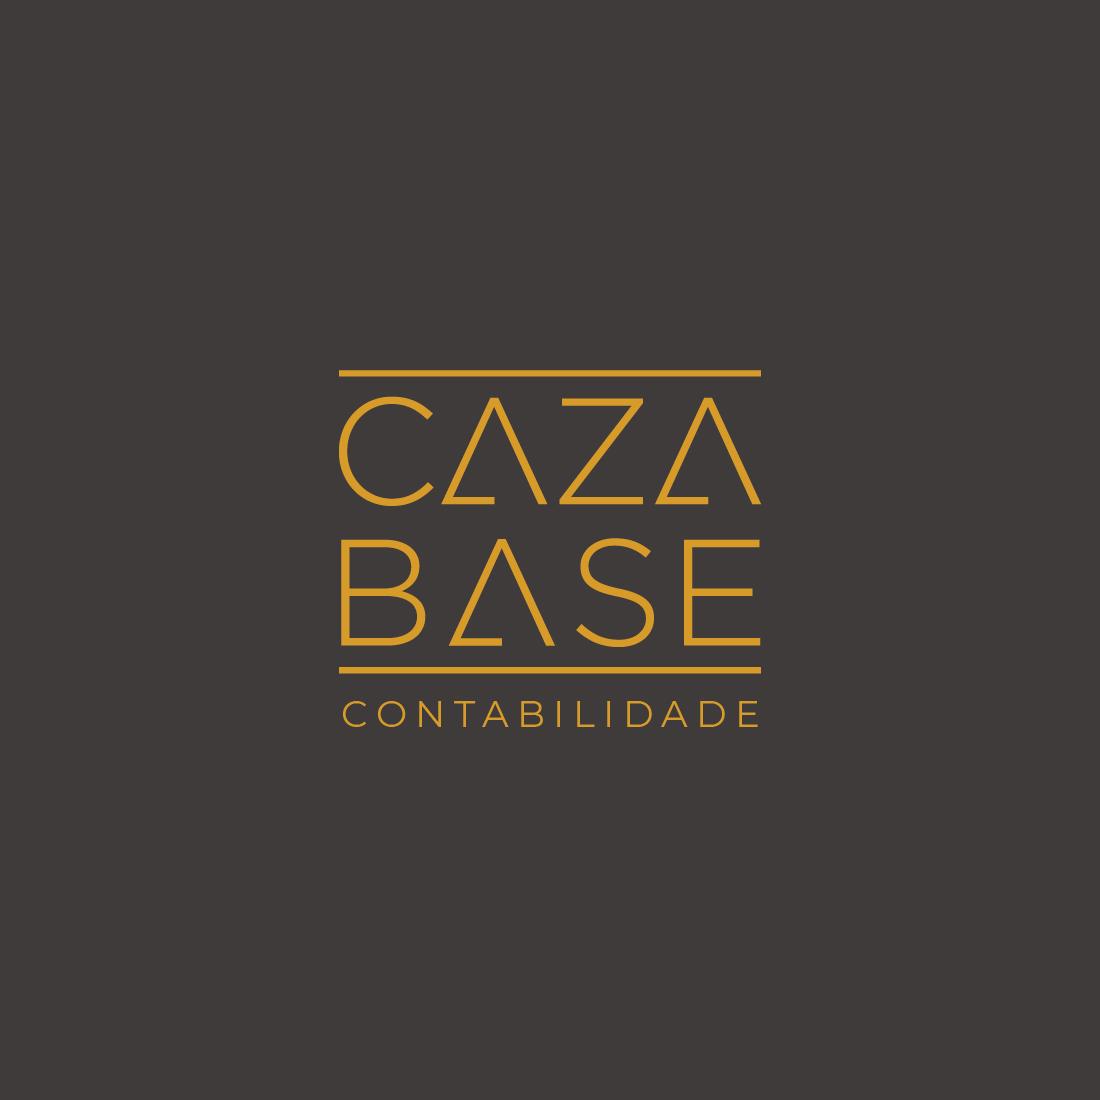 CAZA BASE